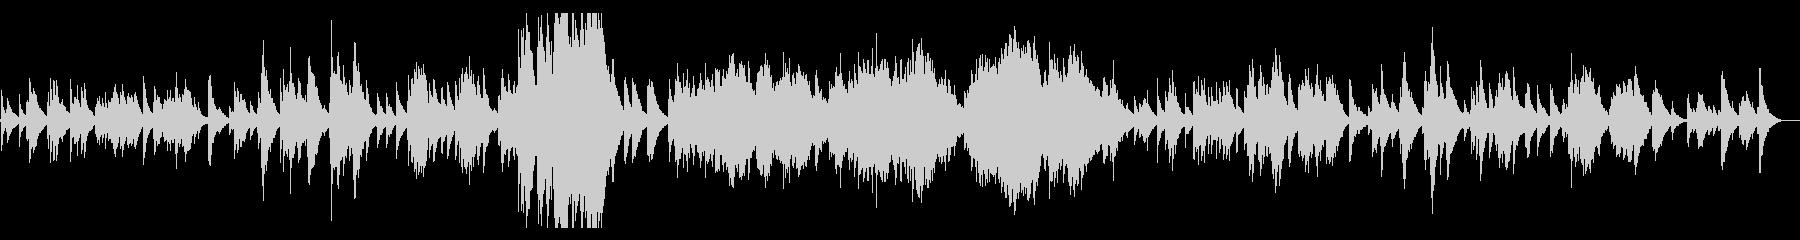 ドビュッシー 月の光 Debussyの未再生の波形